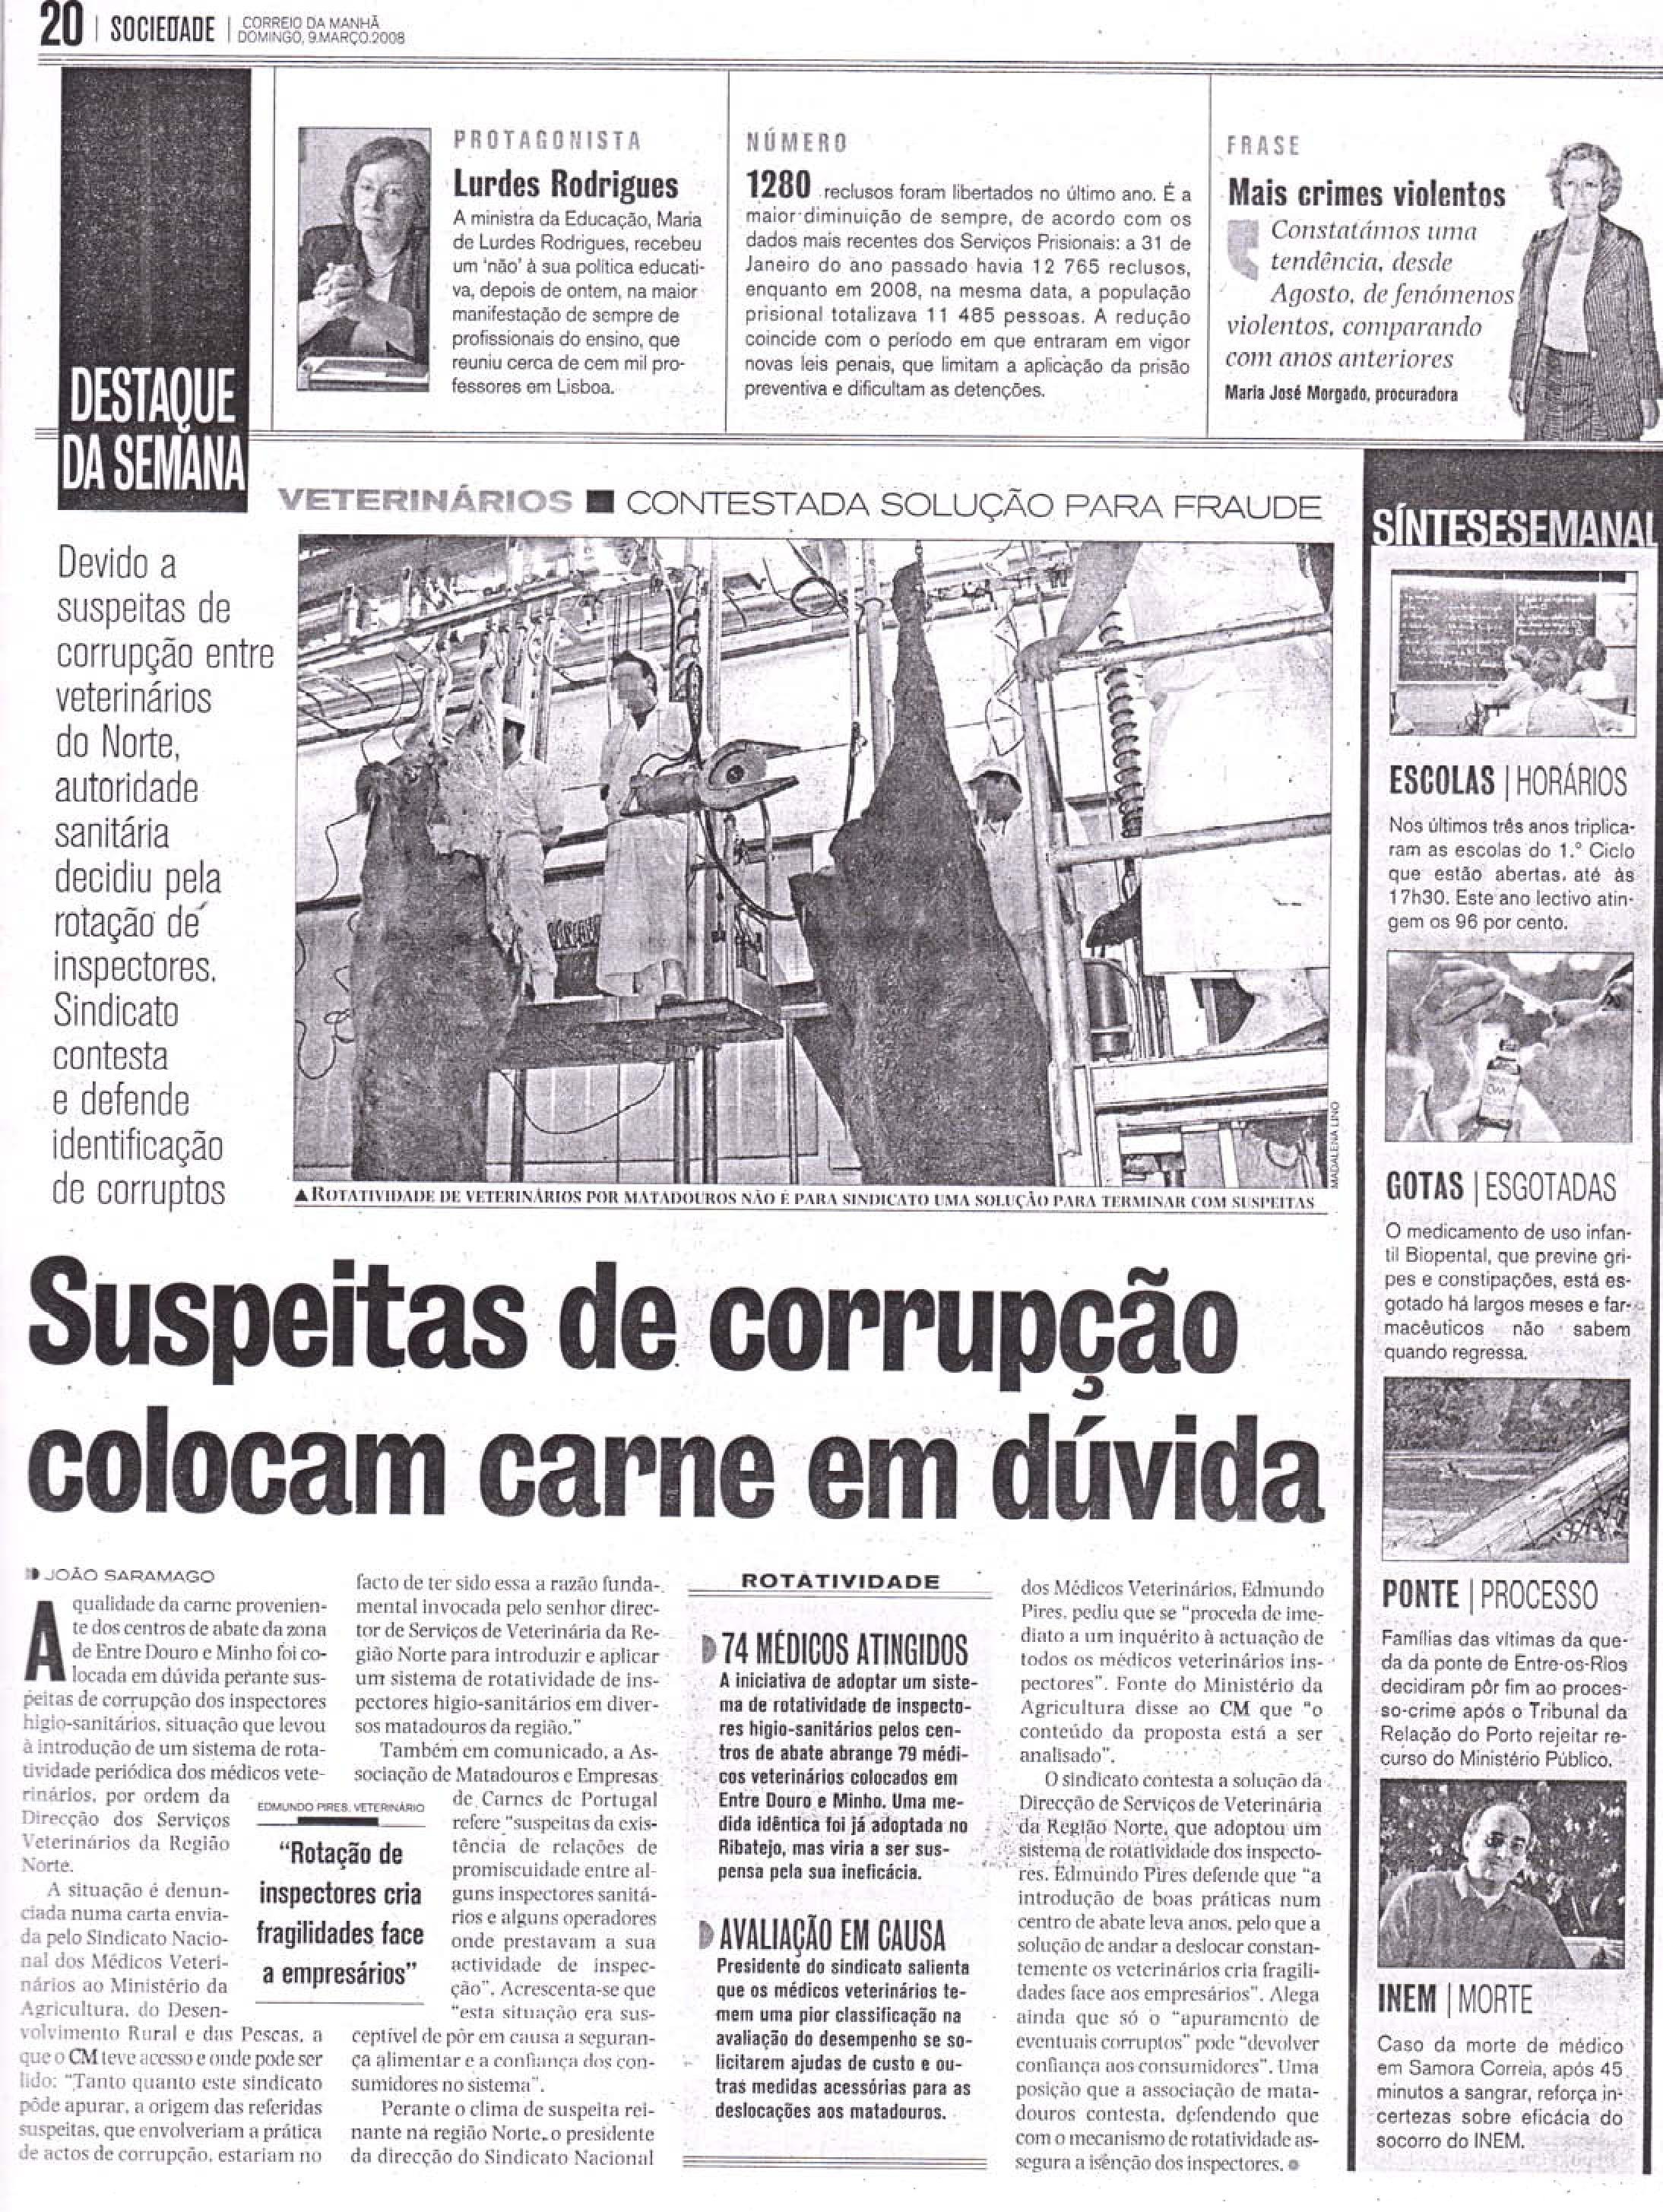 CorrupcaoCarne